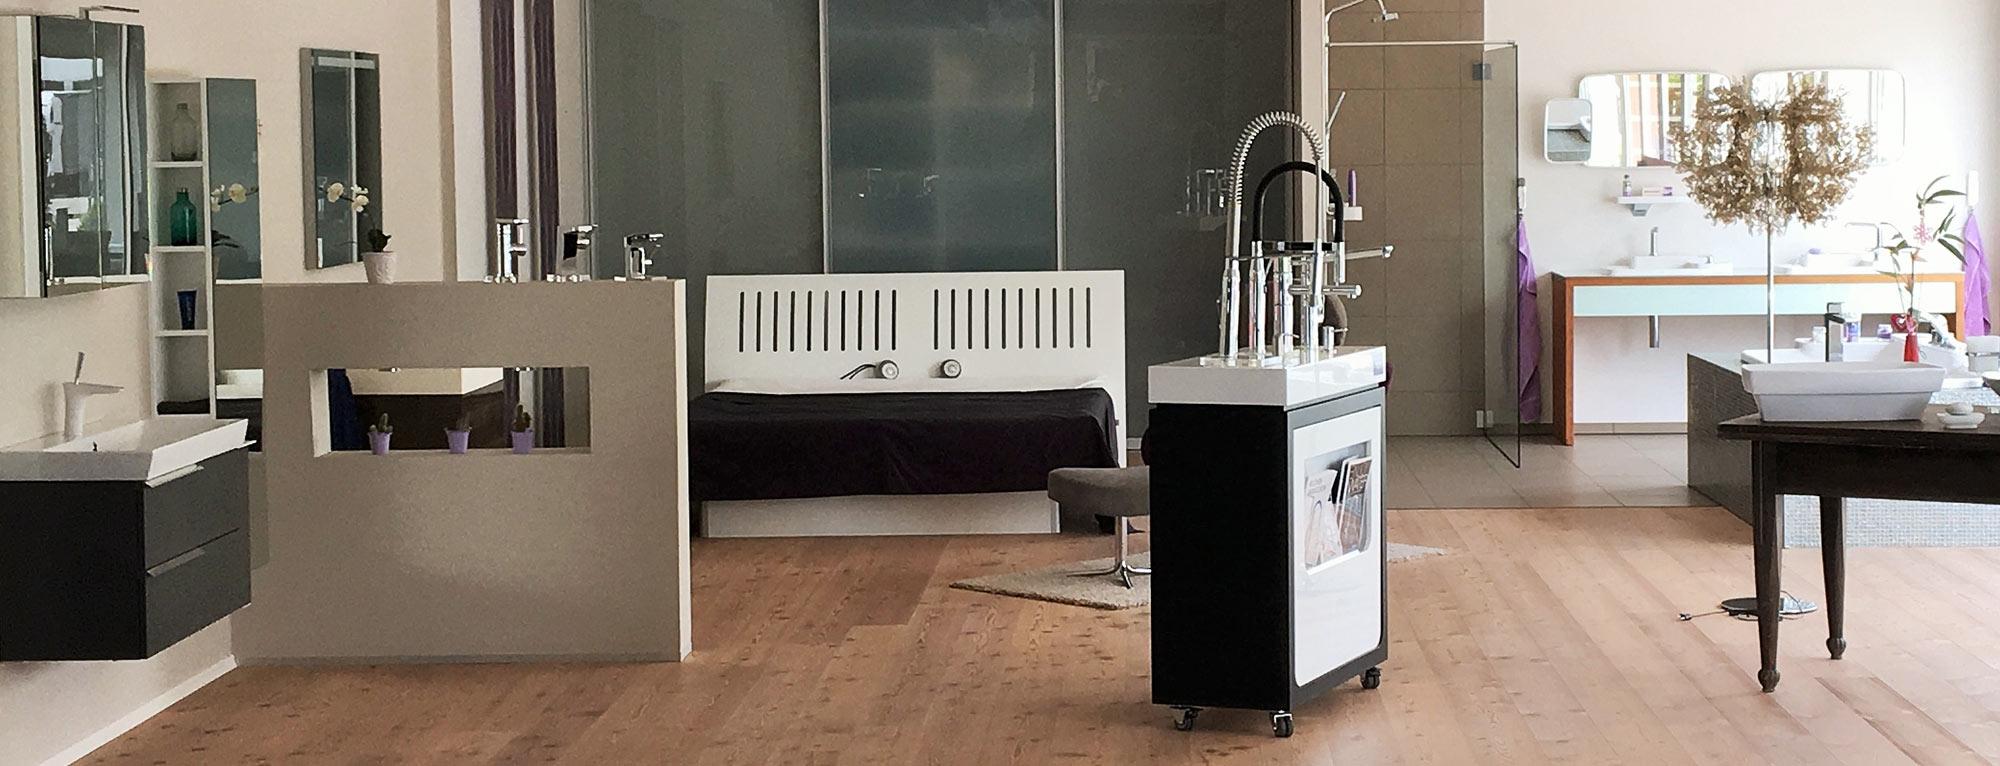 Meier Haustechnik Bad Ausstellung